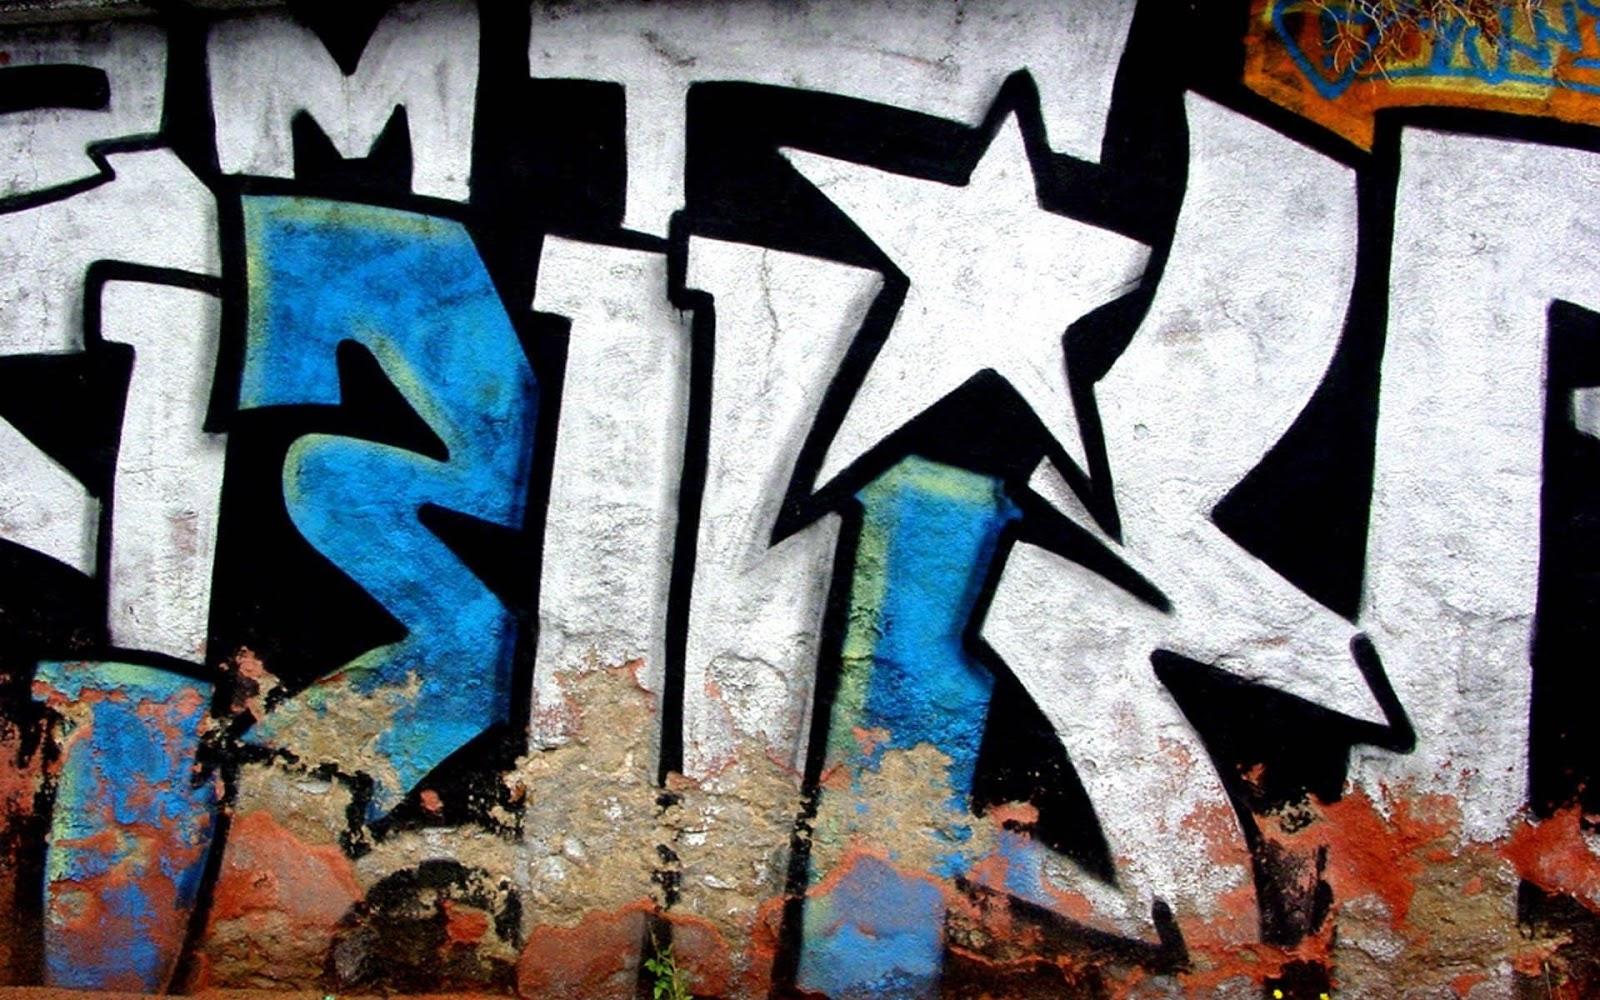 Graffiti art wallpaper - Windows 8 Hd Desktop Wallpapers Abstract Wallpapers 5